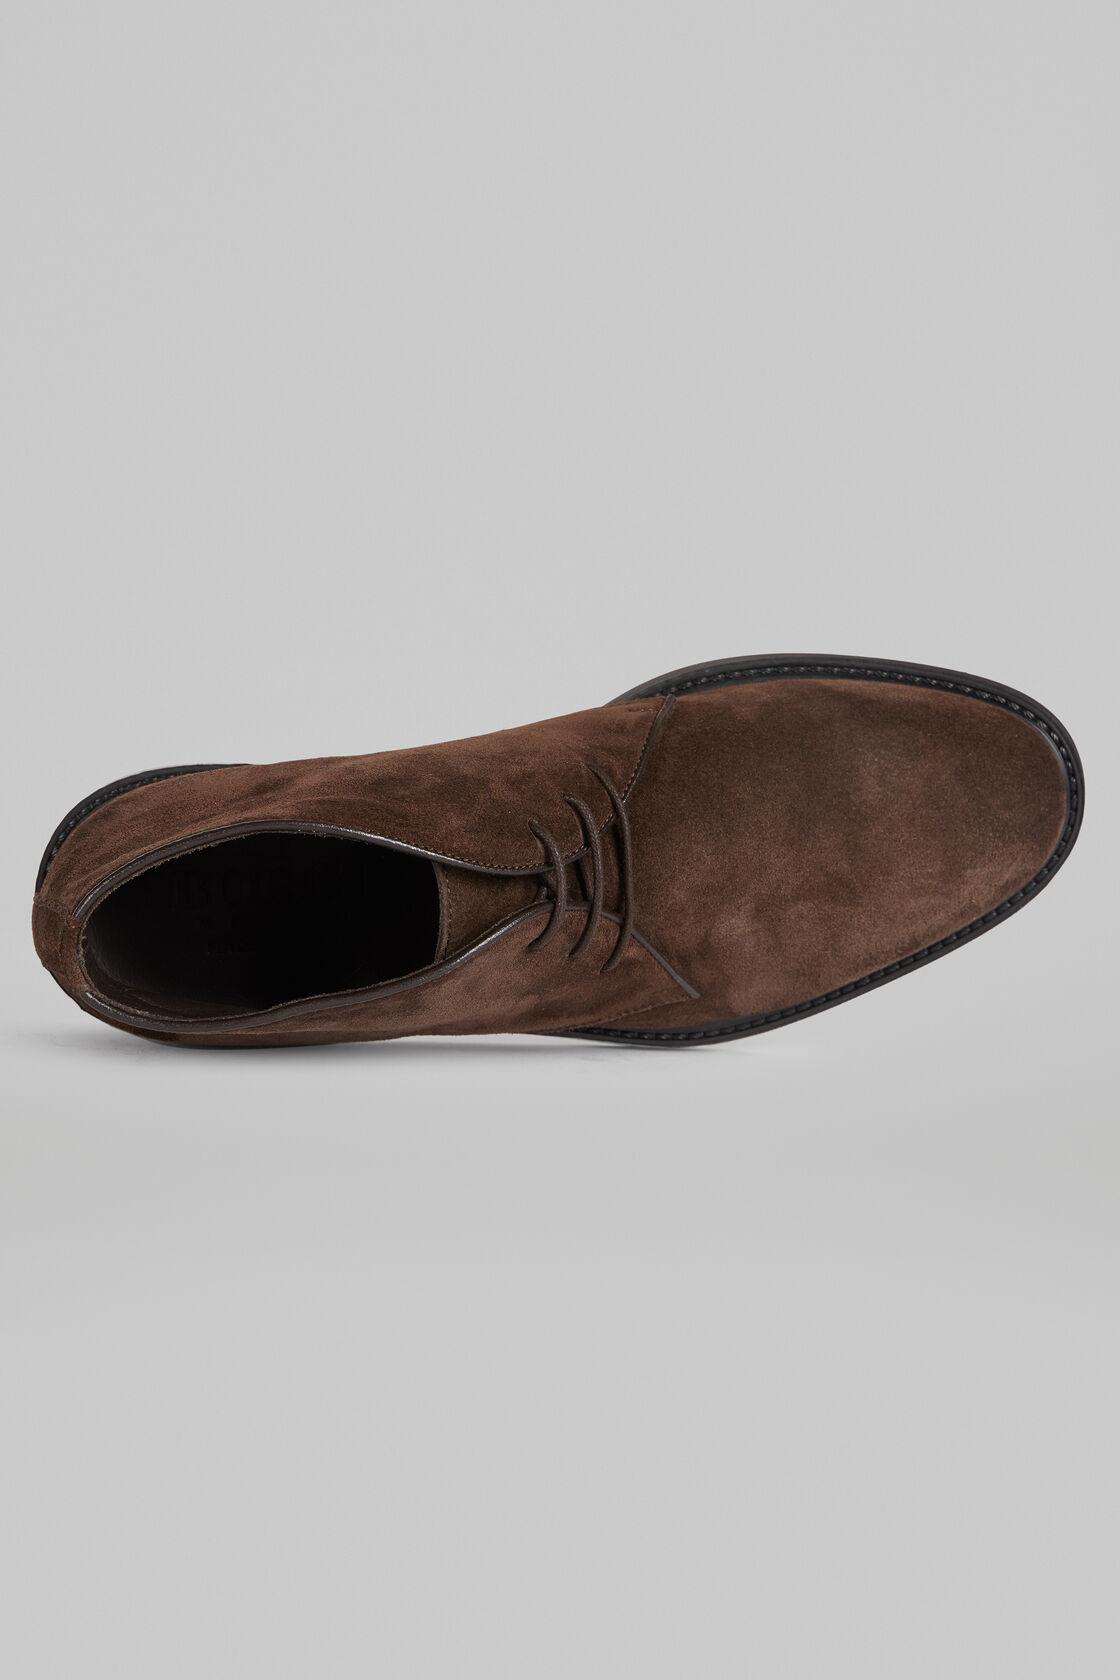 Chaussures À Lacet En Daim, Marron foncé, hi-res